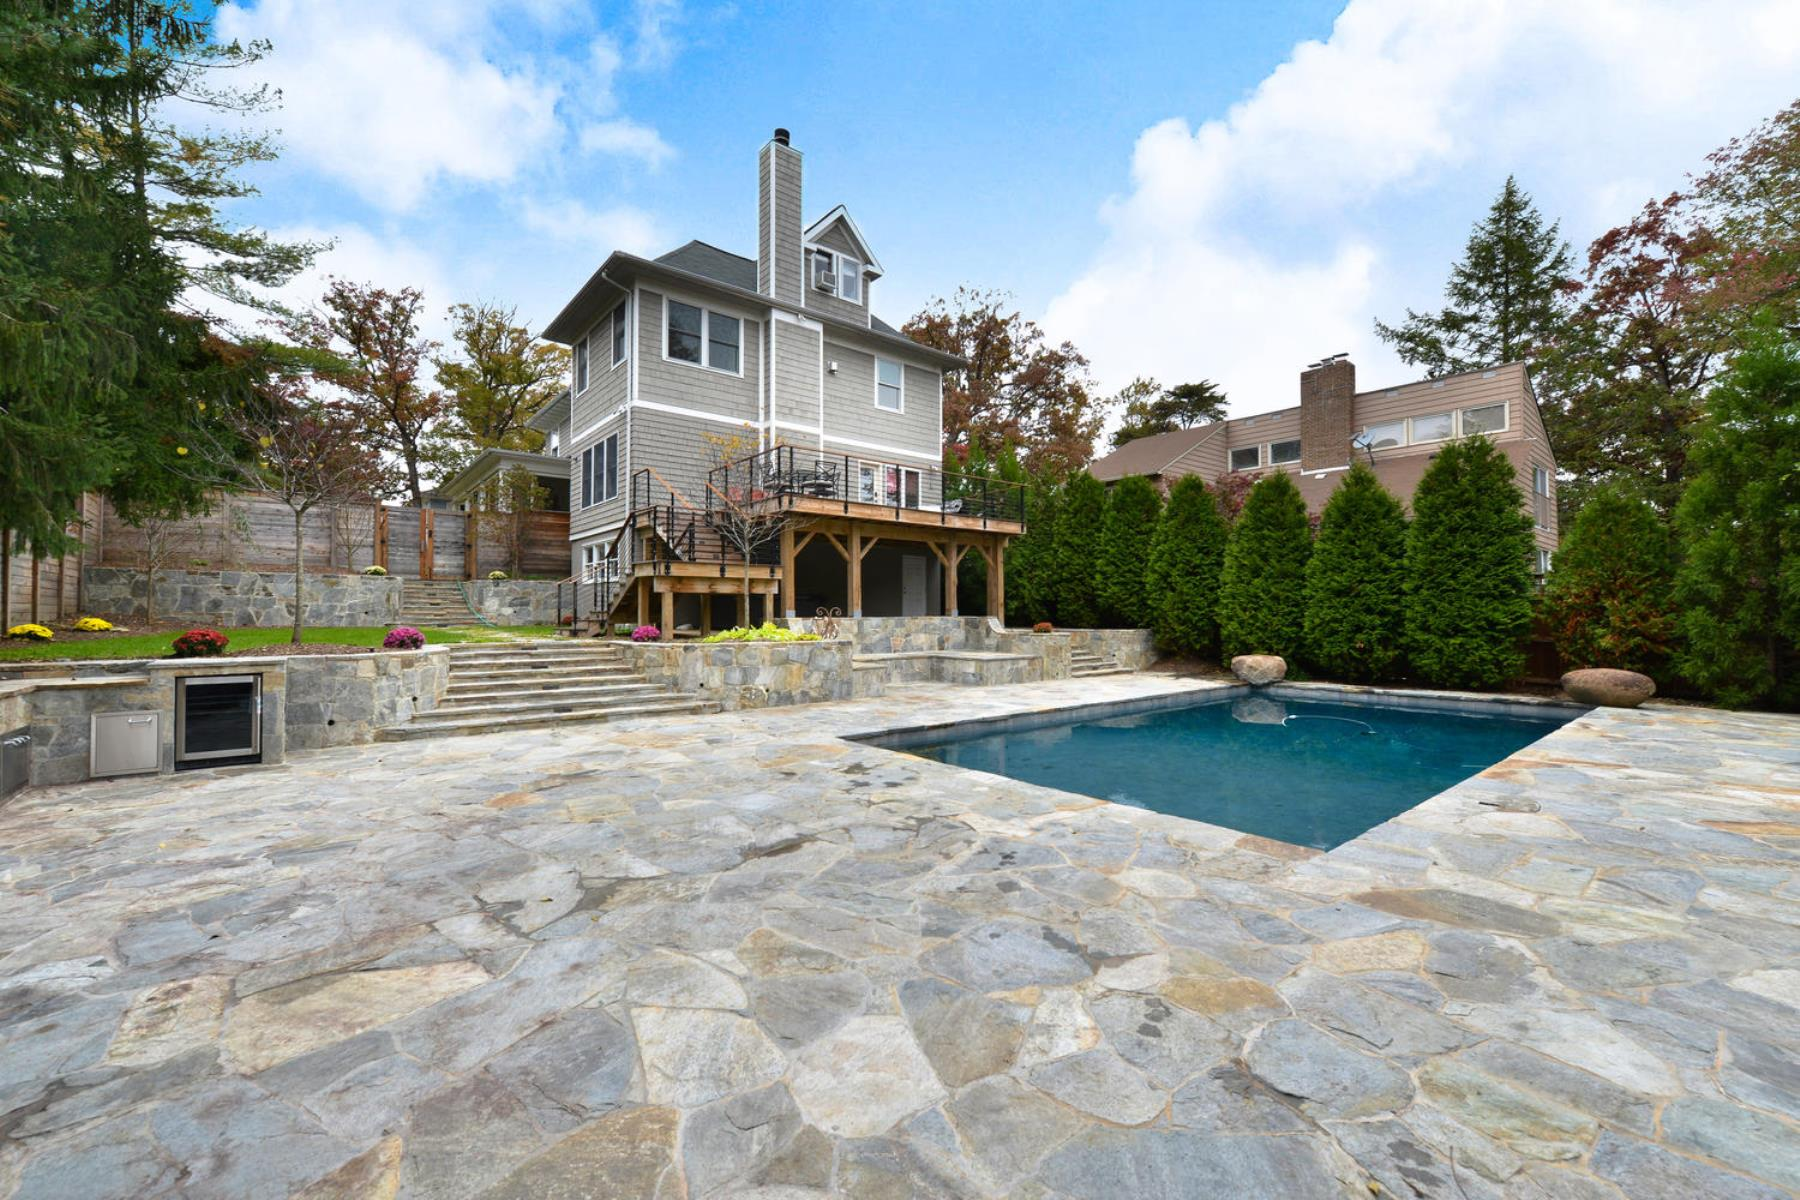 rentals property at 4629 30th Street Nw, Washington